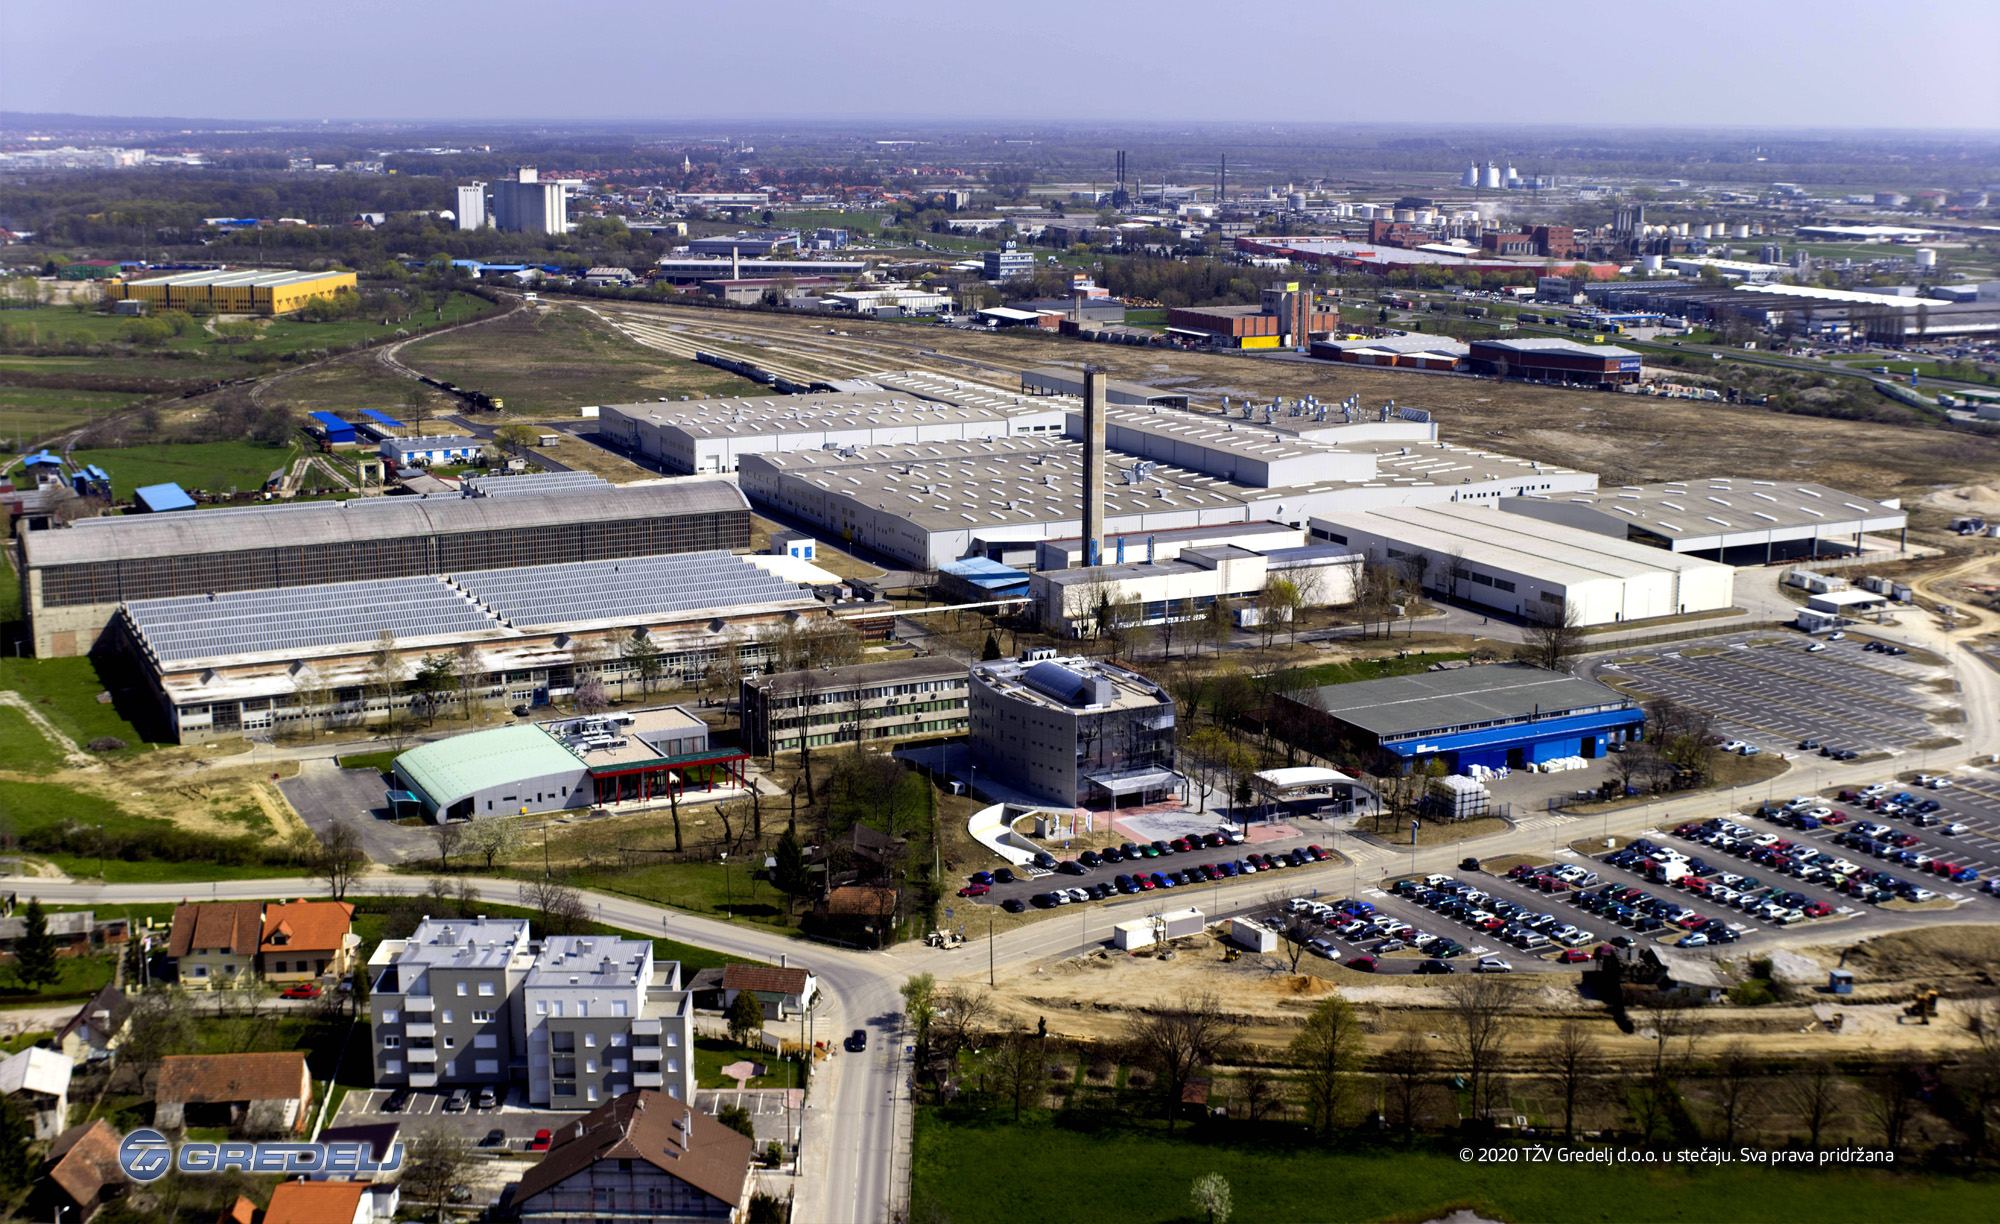 Dočekan kraj desetogodišnjeg stečaja: Slovaci u Gredelju kreću s ozbiljnom proizvodnjom